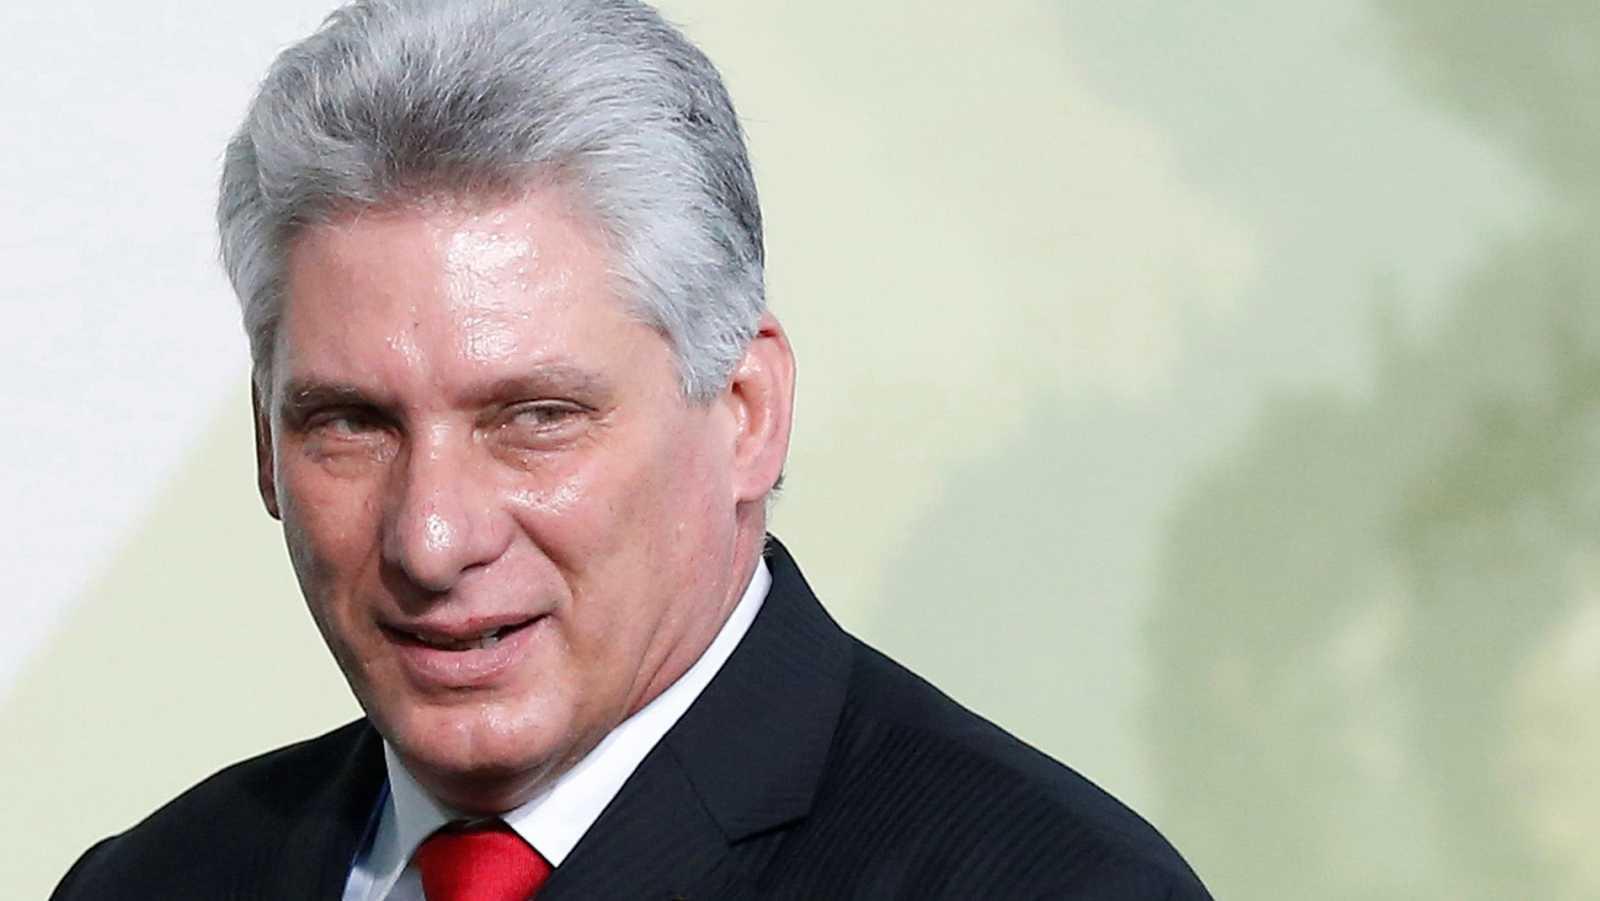 Miguel Díaz-Canel, el heredero de los retos pendientes de la Cuba poscastrista